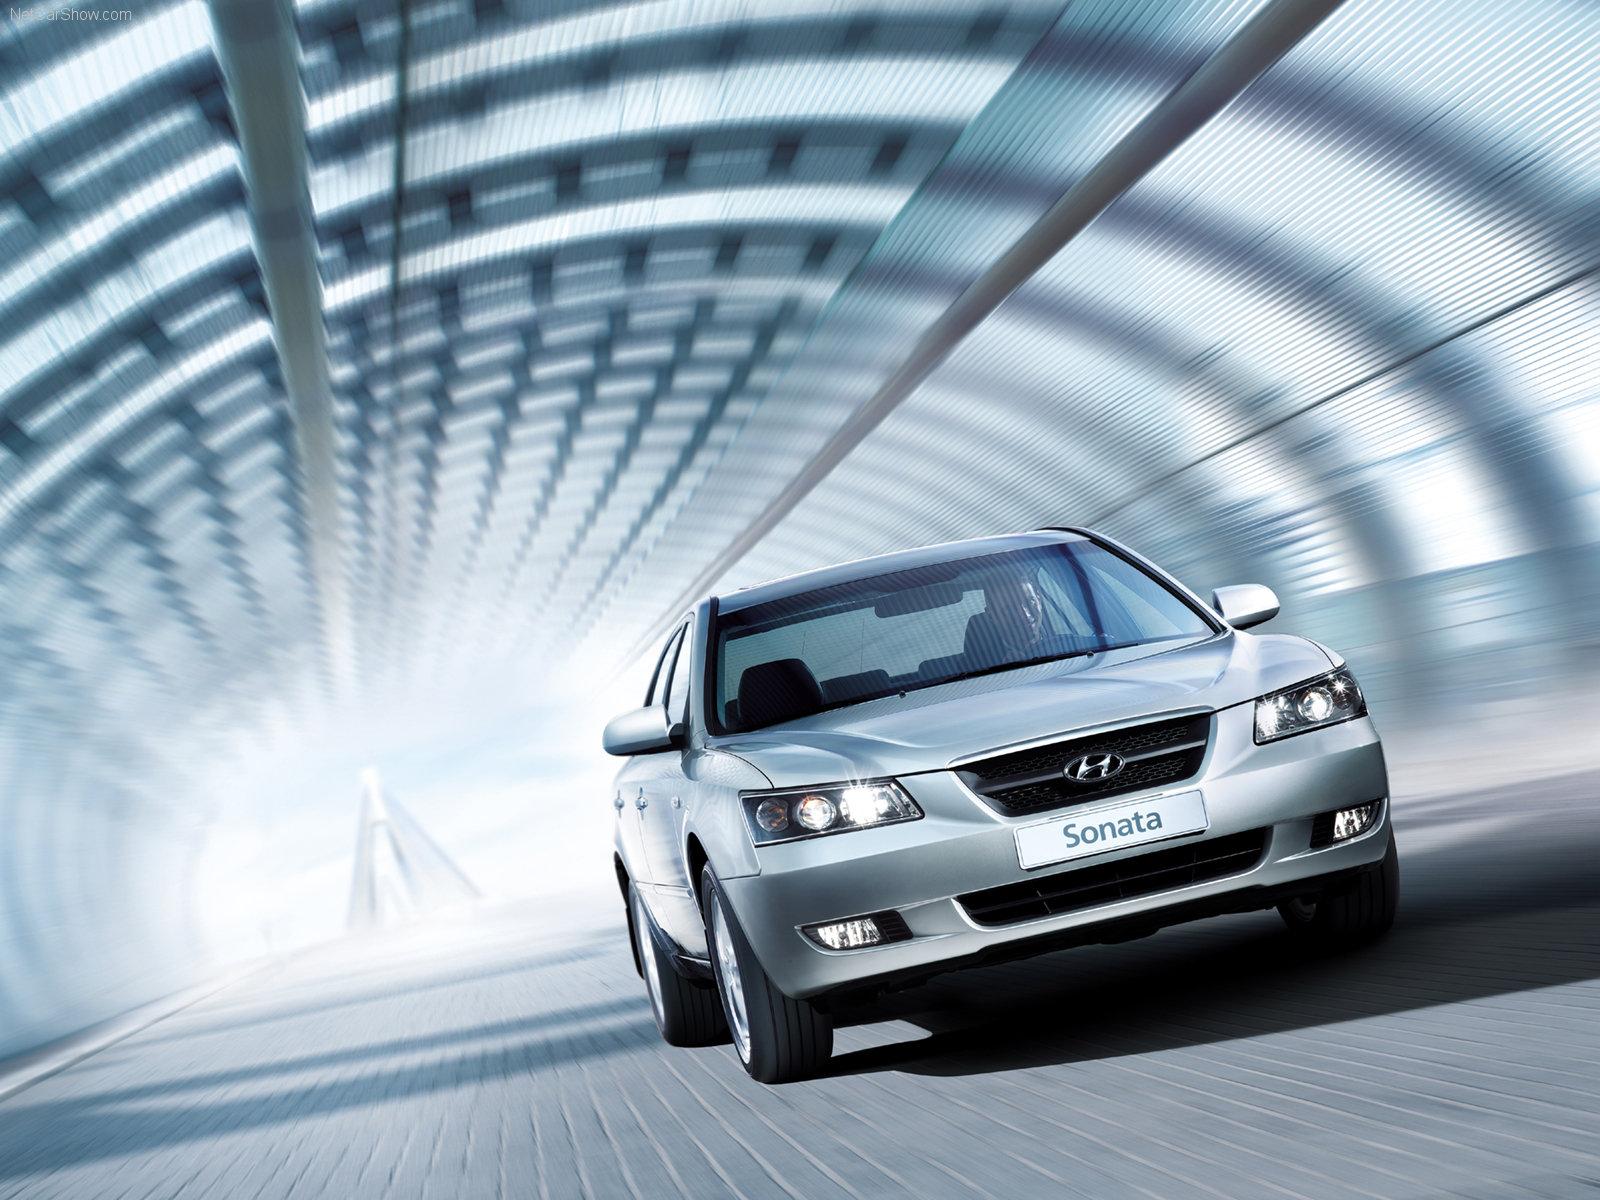 http://3.bp.blogspot.com/_D5hgPjGJZ54/TC78y4cjMxI/AAAAAAAADCo/6XQaqW90_z0/s1600/Hyundai-Sonata_2005_1600x1200_wallpaper_04.jpg